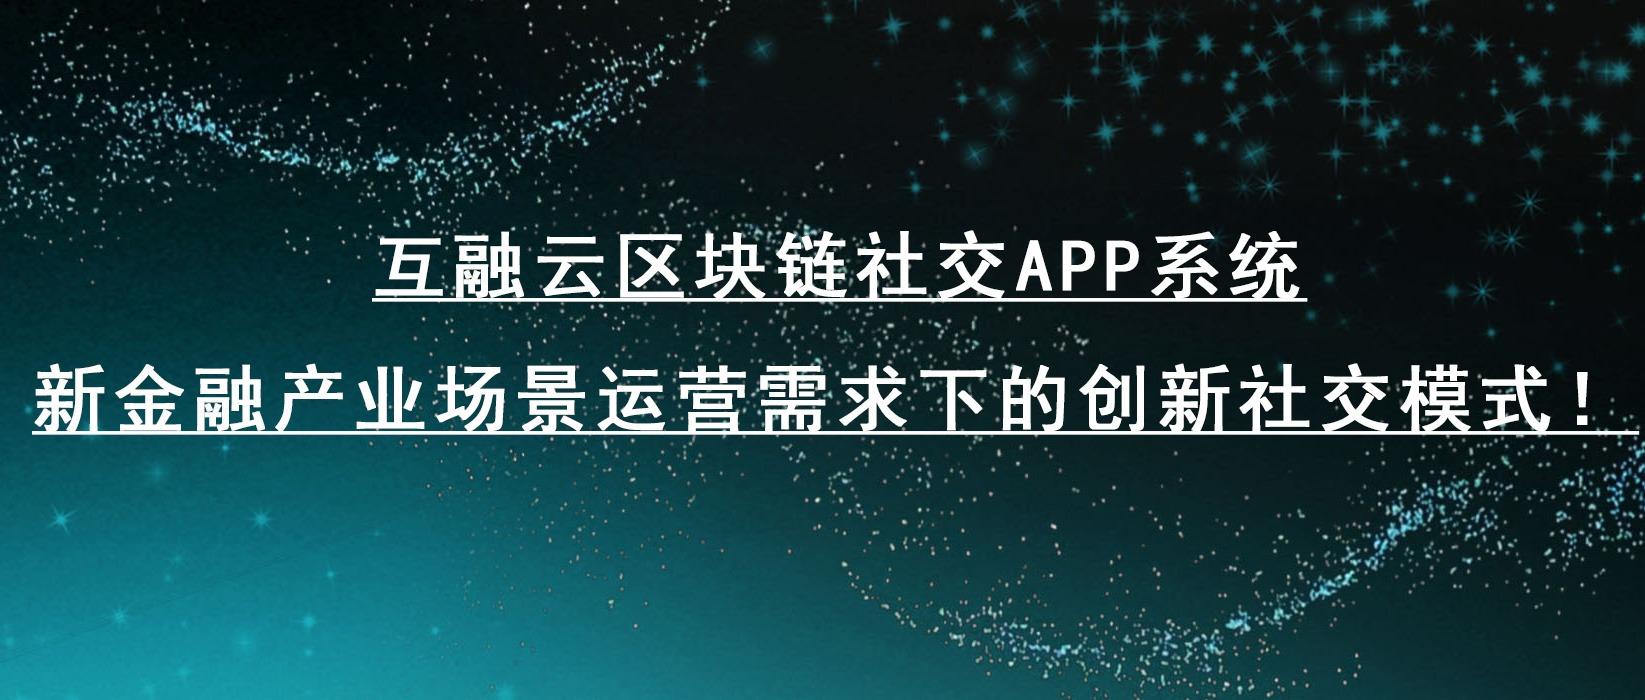 互融云区块链社交APP系统——新金融产业下的创新社交模式!